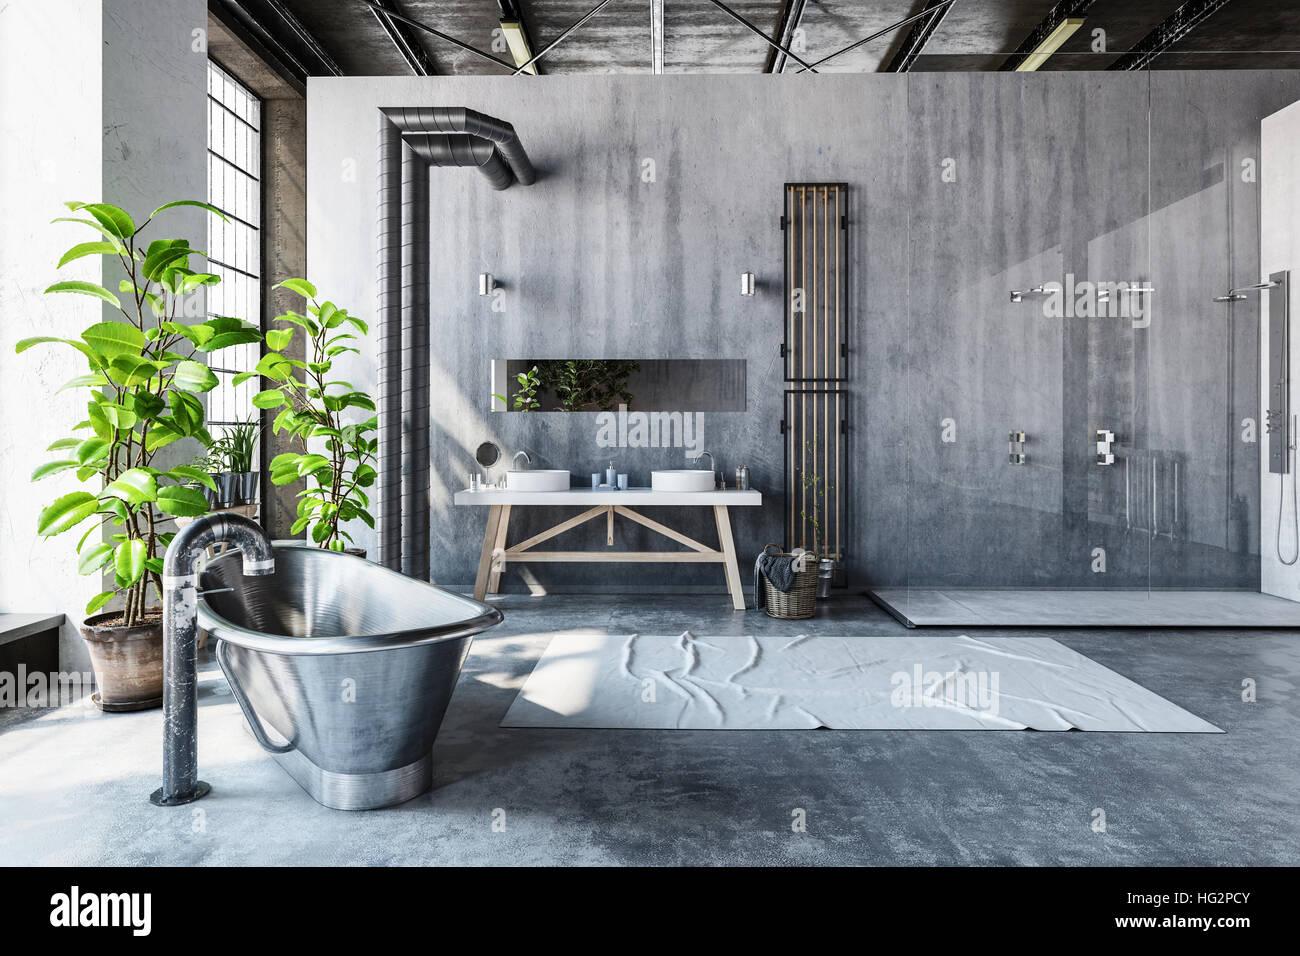 Krassen Graue Badezimmer Interieur Eines Umgebauten Industrielle Lofts Mit  Hipster Metall Roll Top Badewanne Und Große Frischgrün Topfpflanzen Vor  Hohen